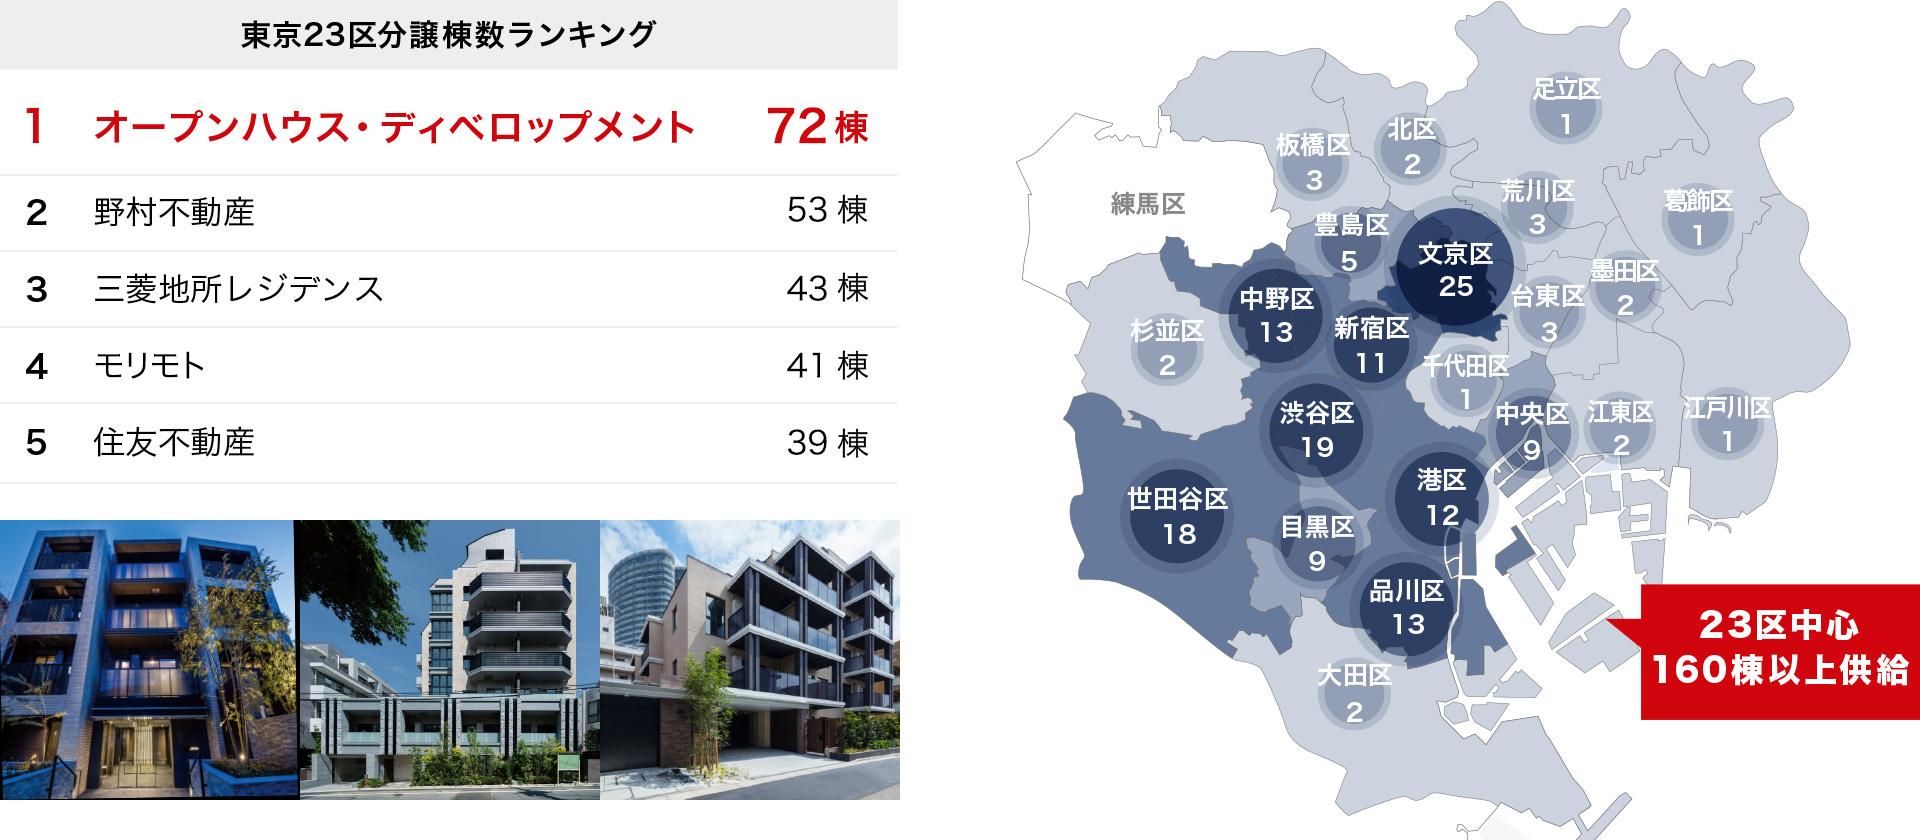 東京23区分譲棟数ランキング/23区中心 130棟以上供給